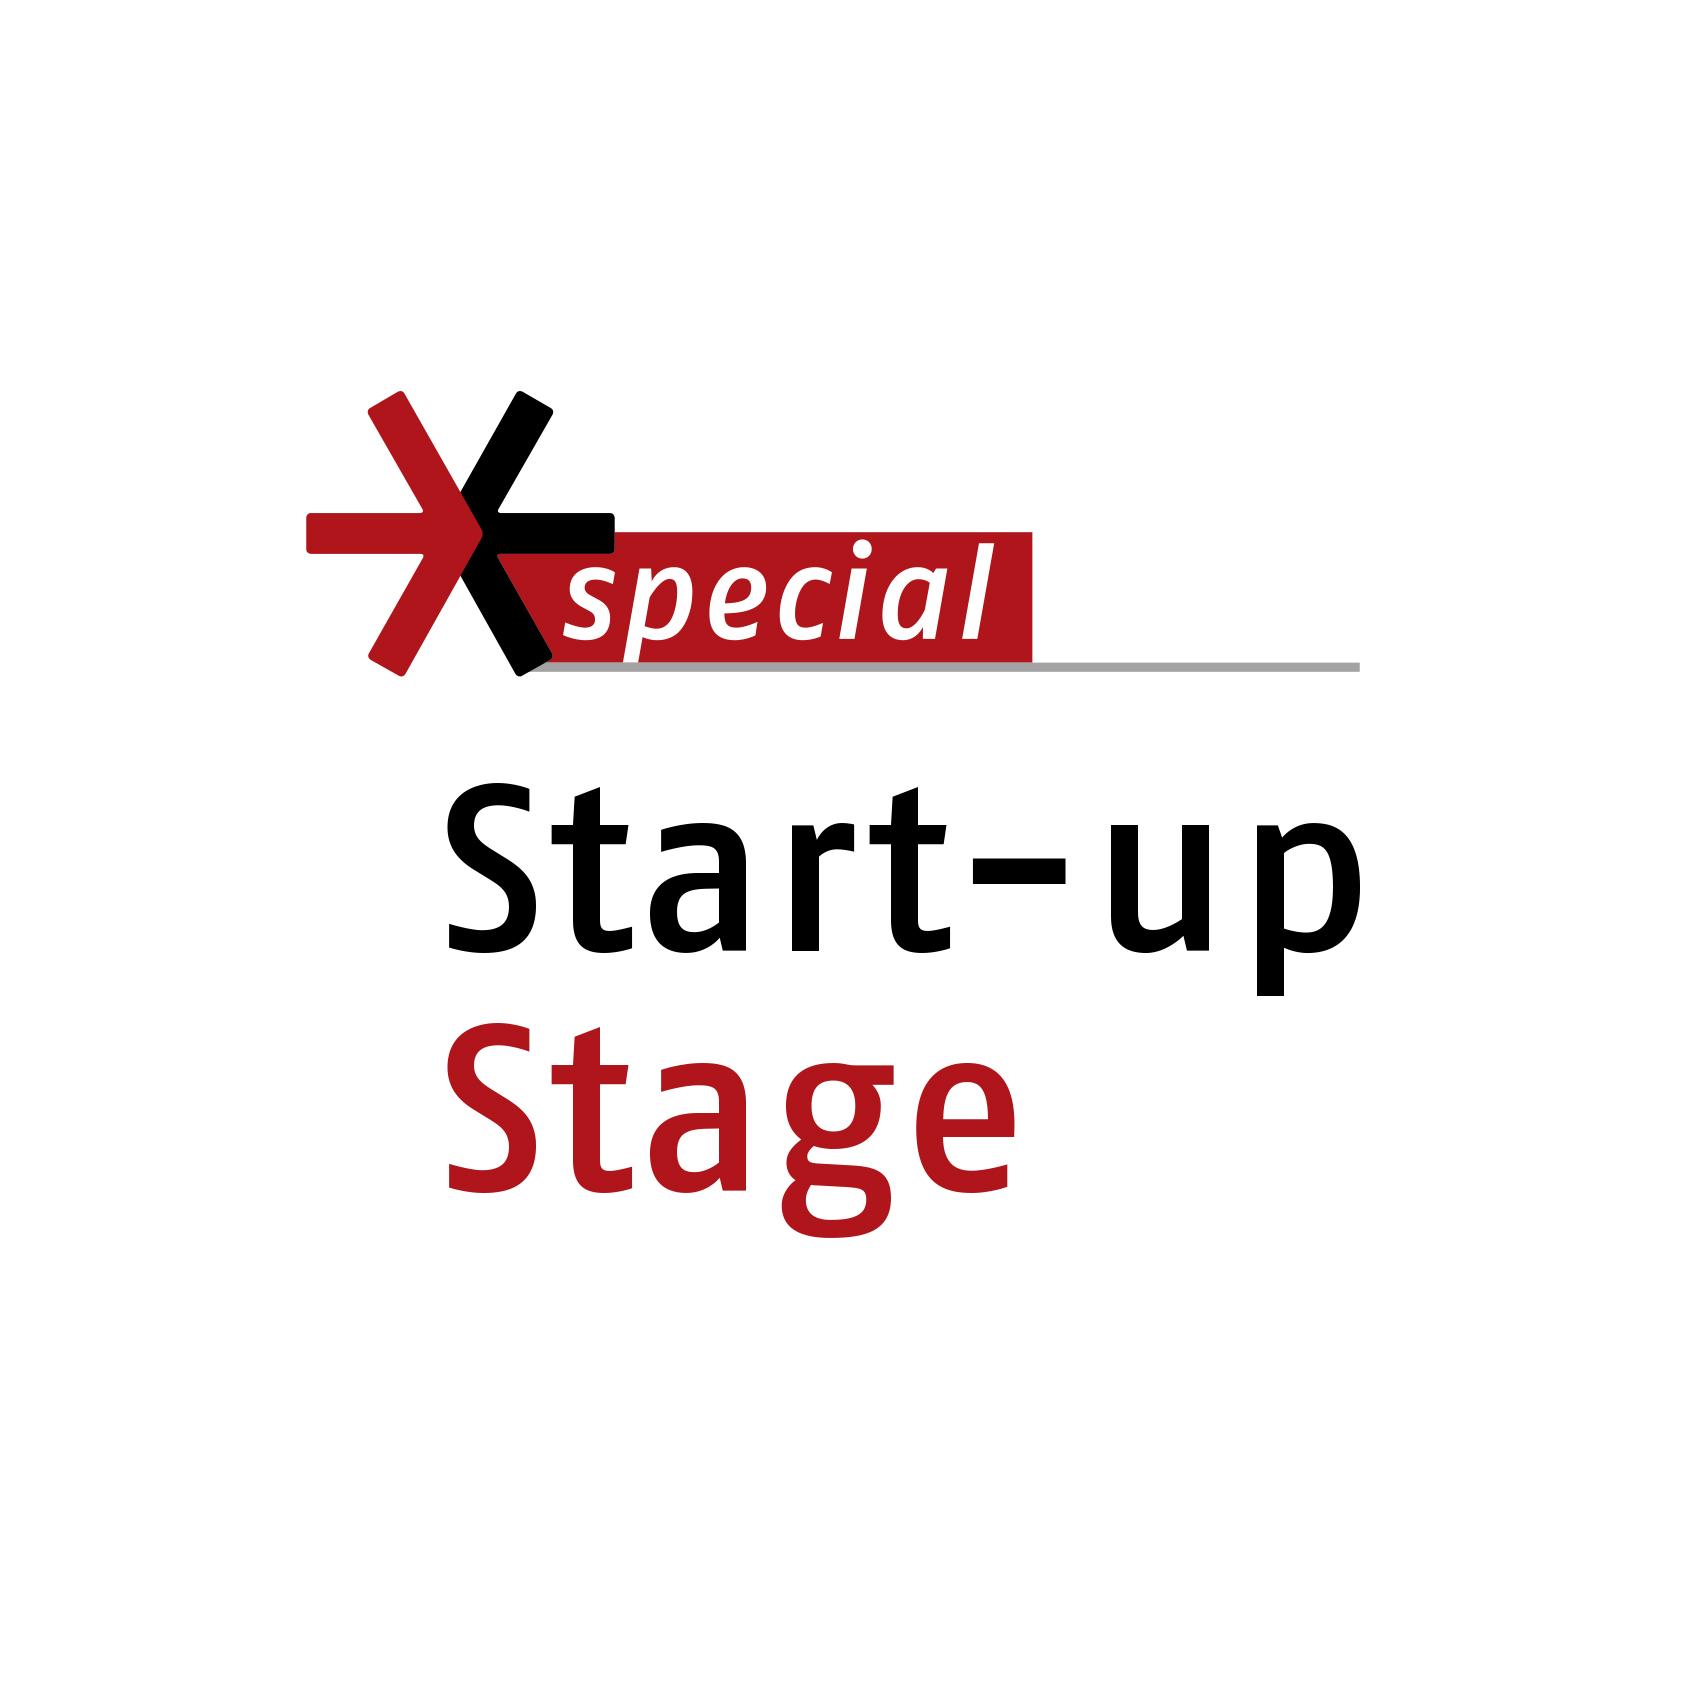 Start-up Stage